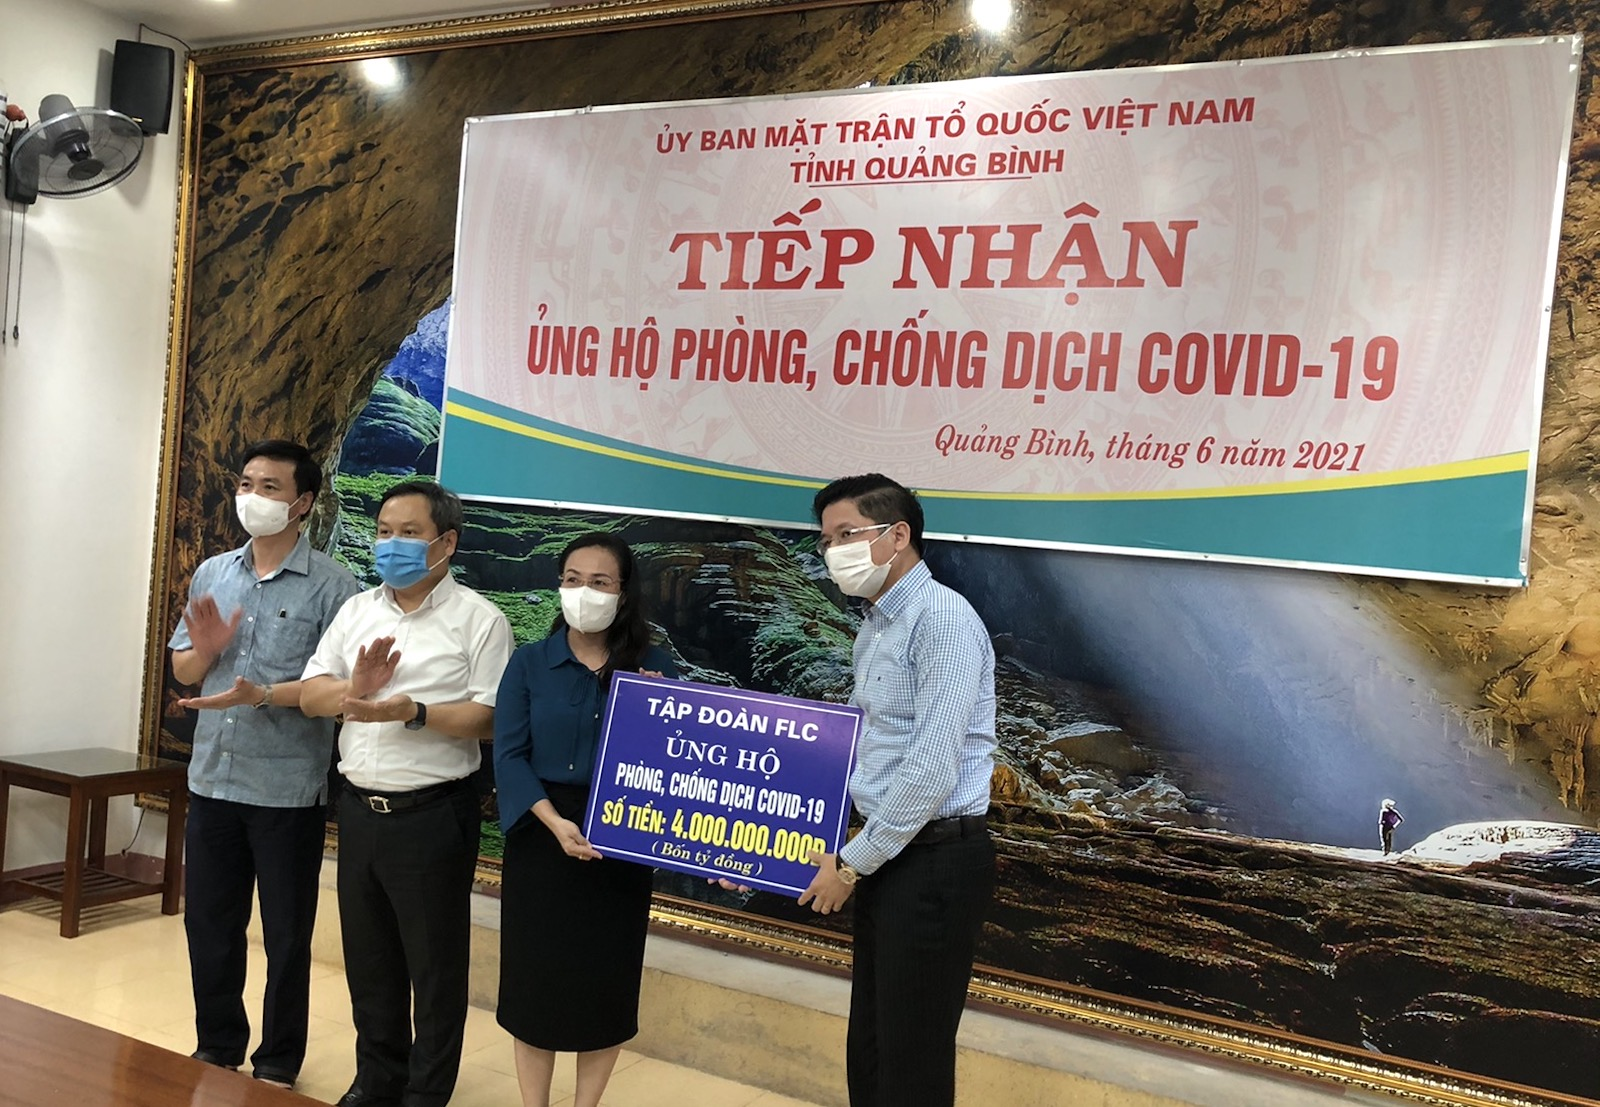 Tập đoàn FLC trao tặng 4 tỷ đồng tiền mặt hỗ trợ Quảng Bình phòng chống dịch Covid – 19